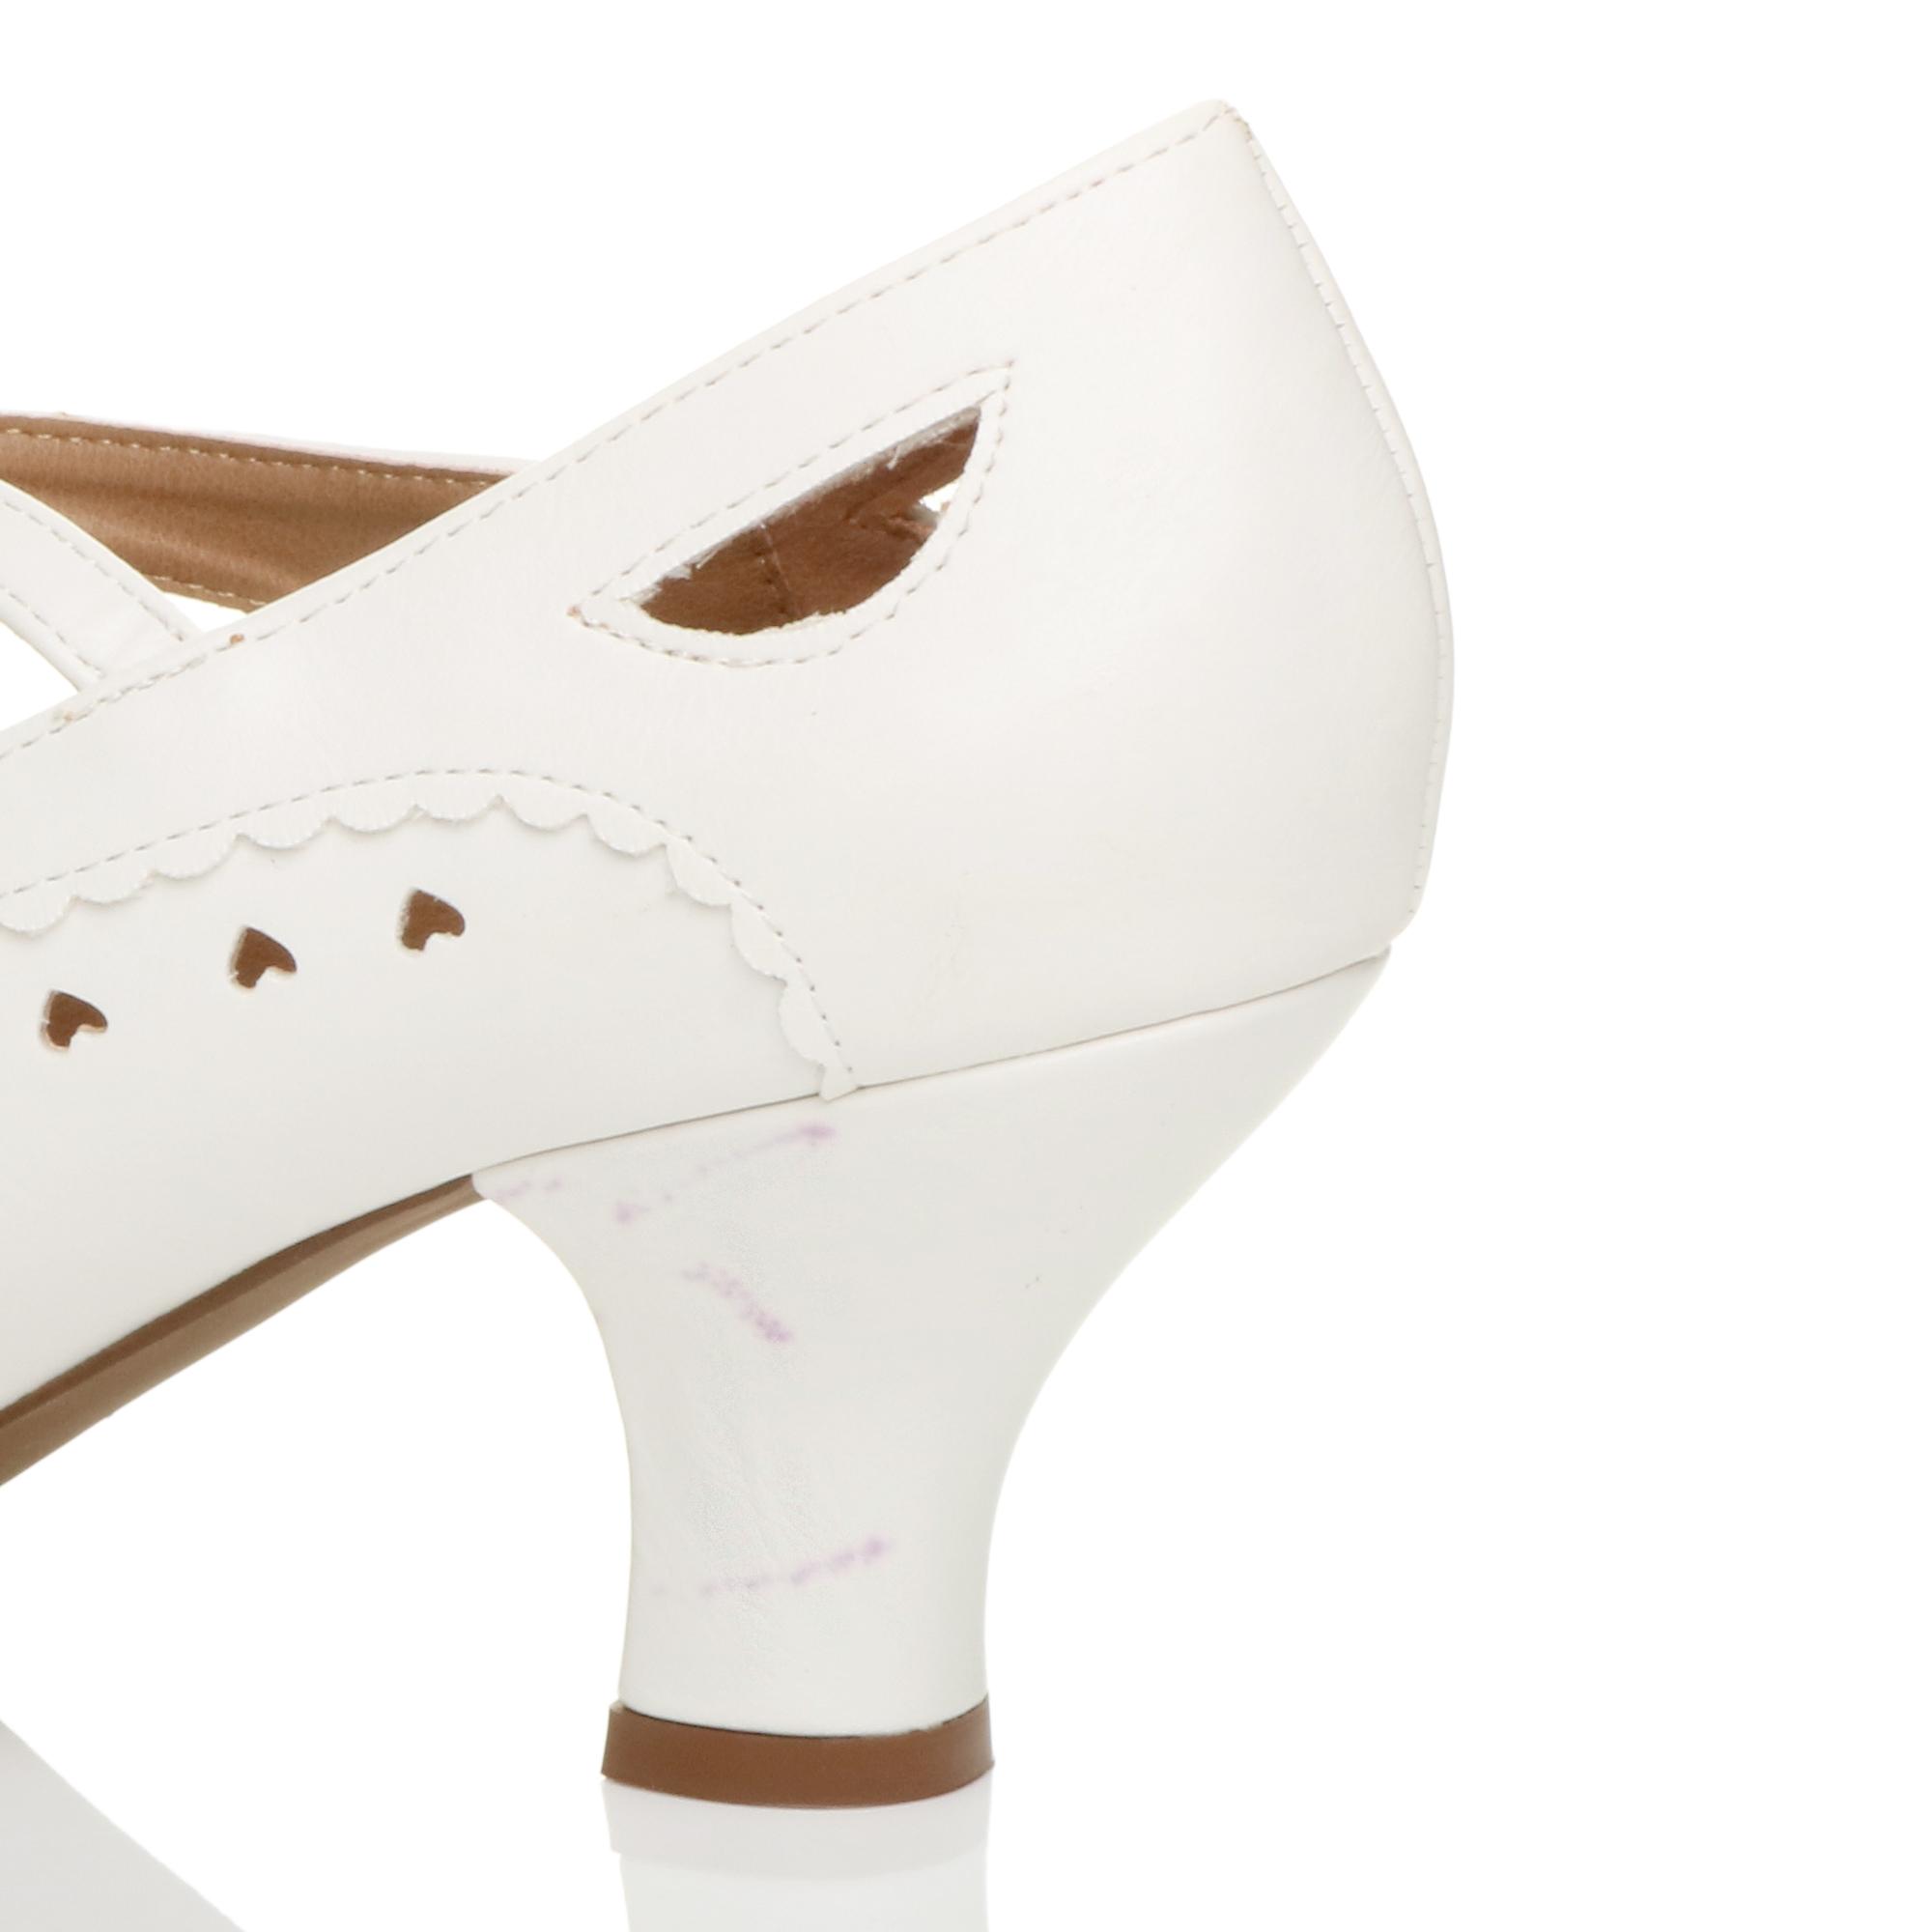 miniatura 24 - Da Donna con Tacco Basso Cinturino Alla Caviglia Mary Jane Stile Scarpe Eleganti Lavoro Pompe Dimensione